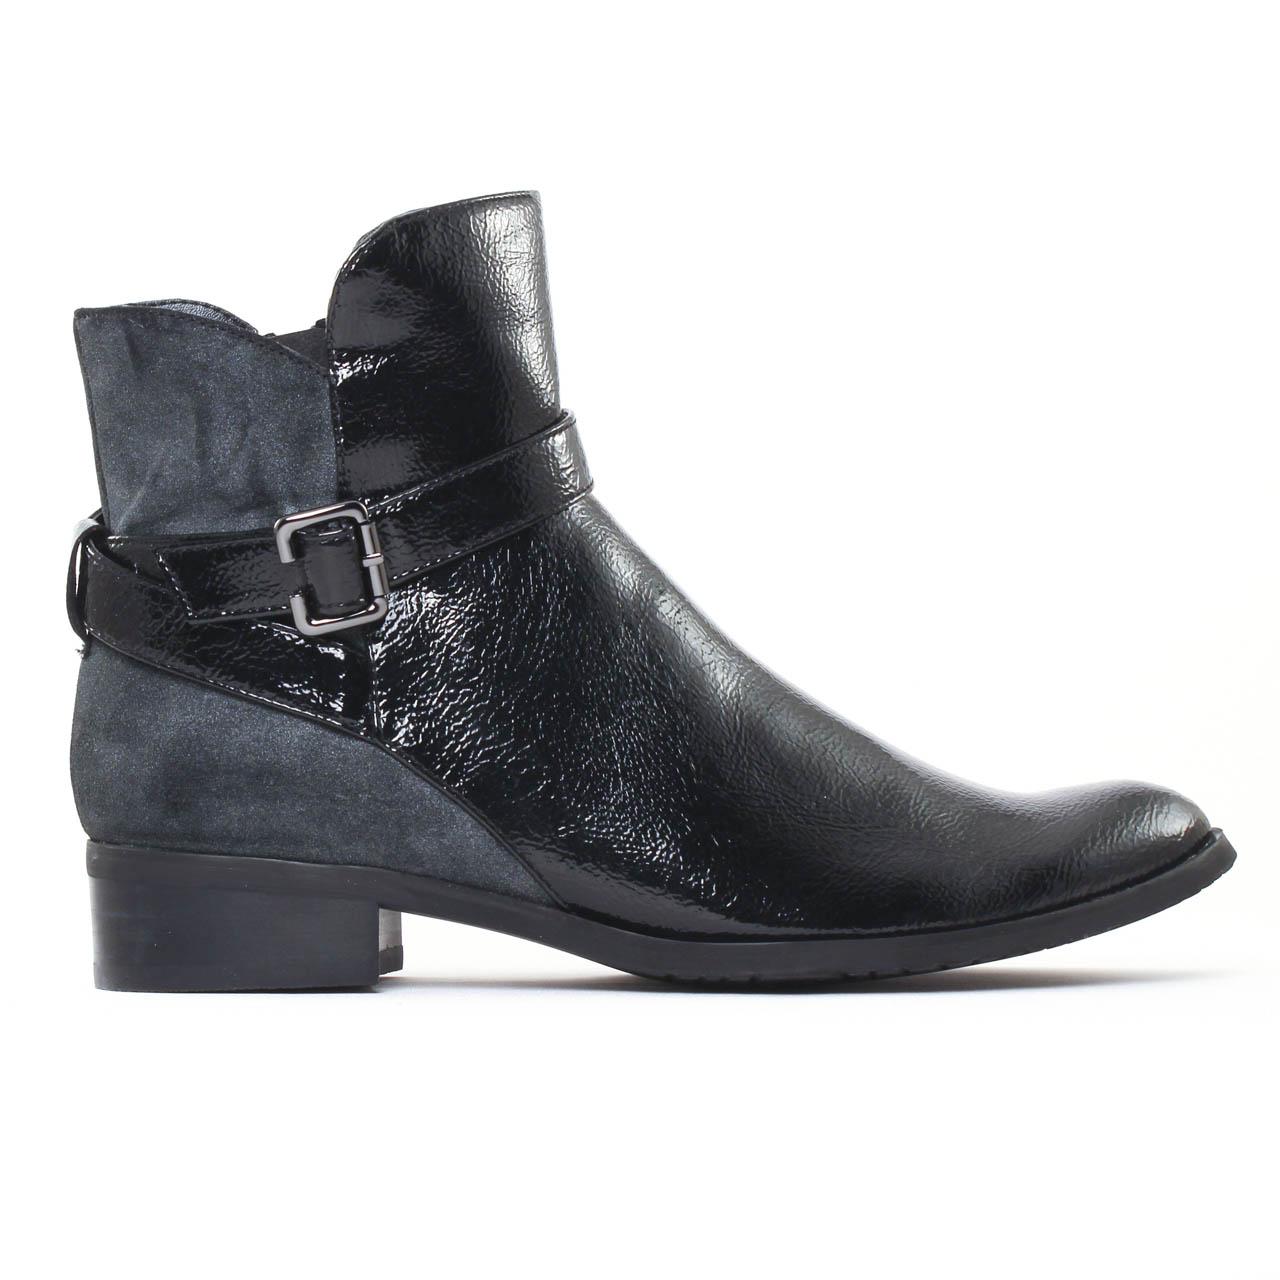 fugitive rupert vernis noir cross gris boots vernis noir. Black Bedroom Furniture Sets. Home Design Ideas